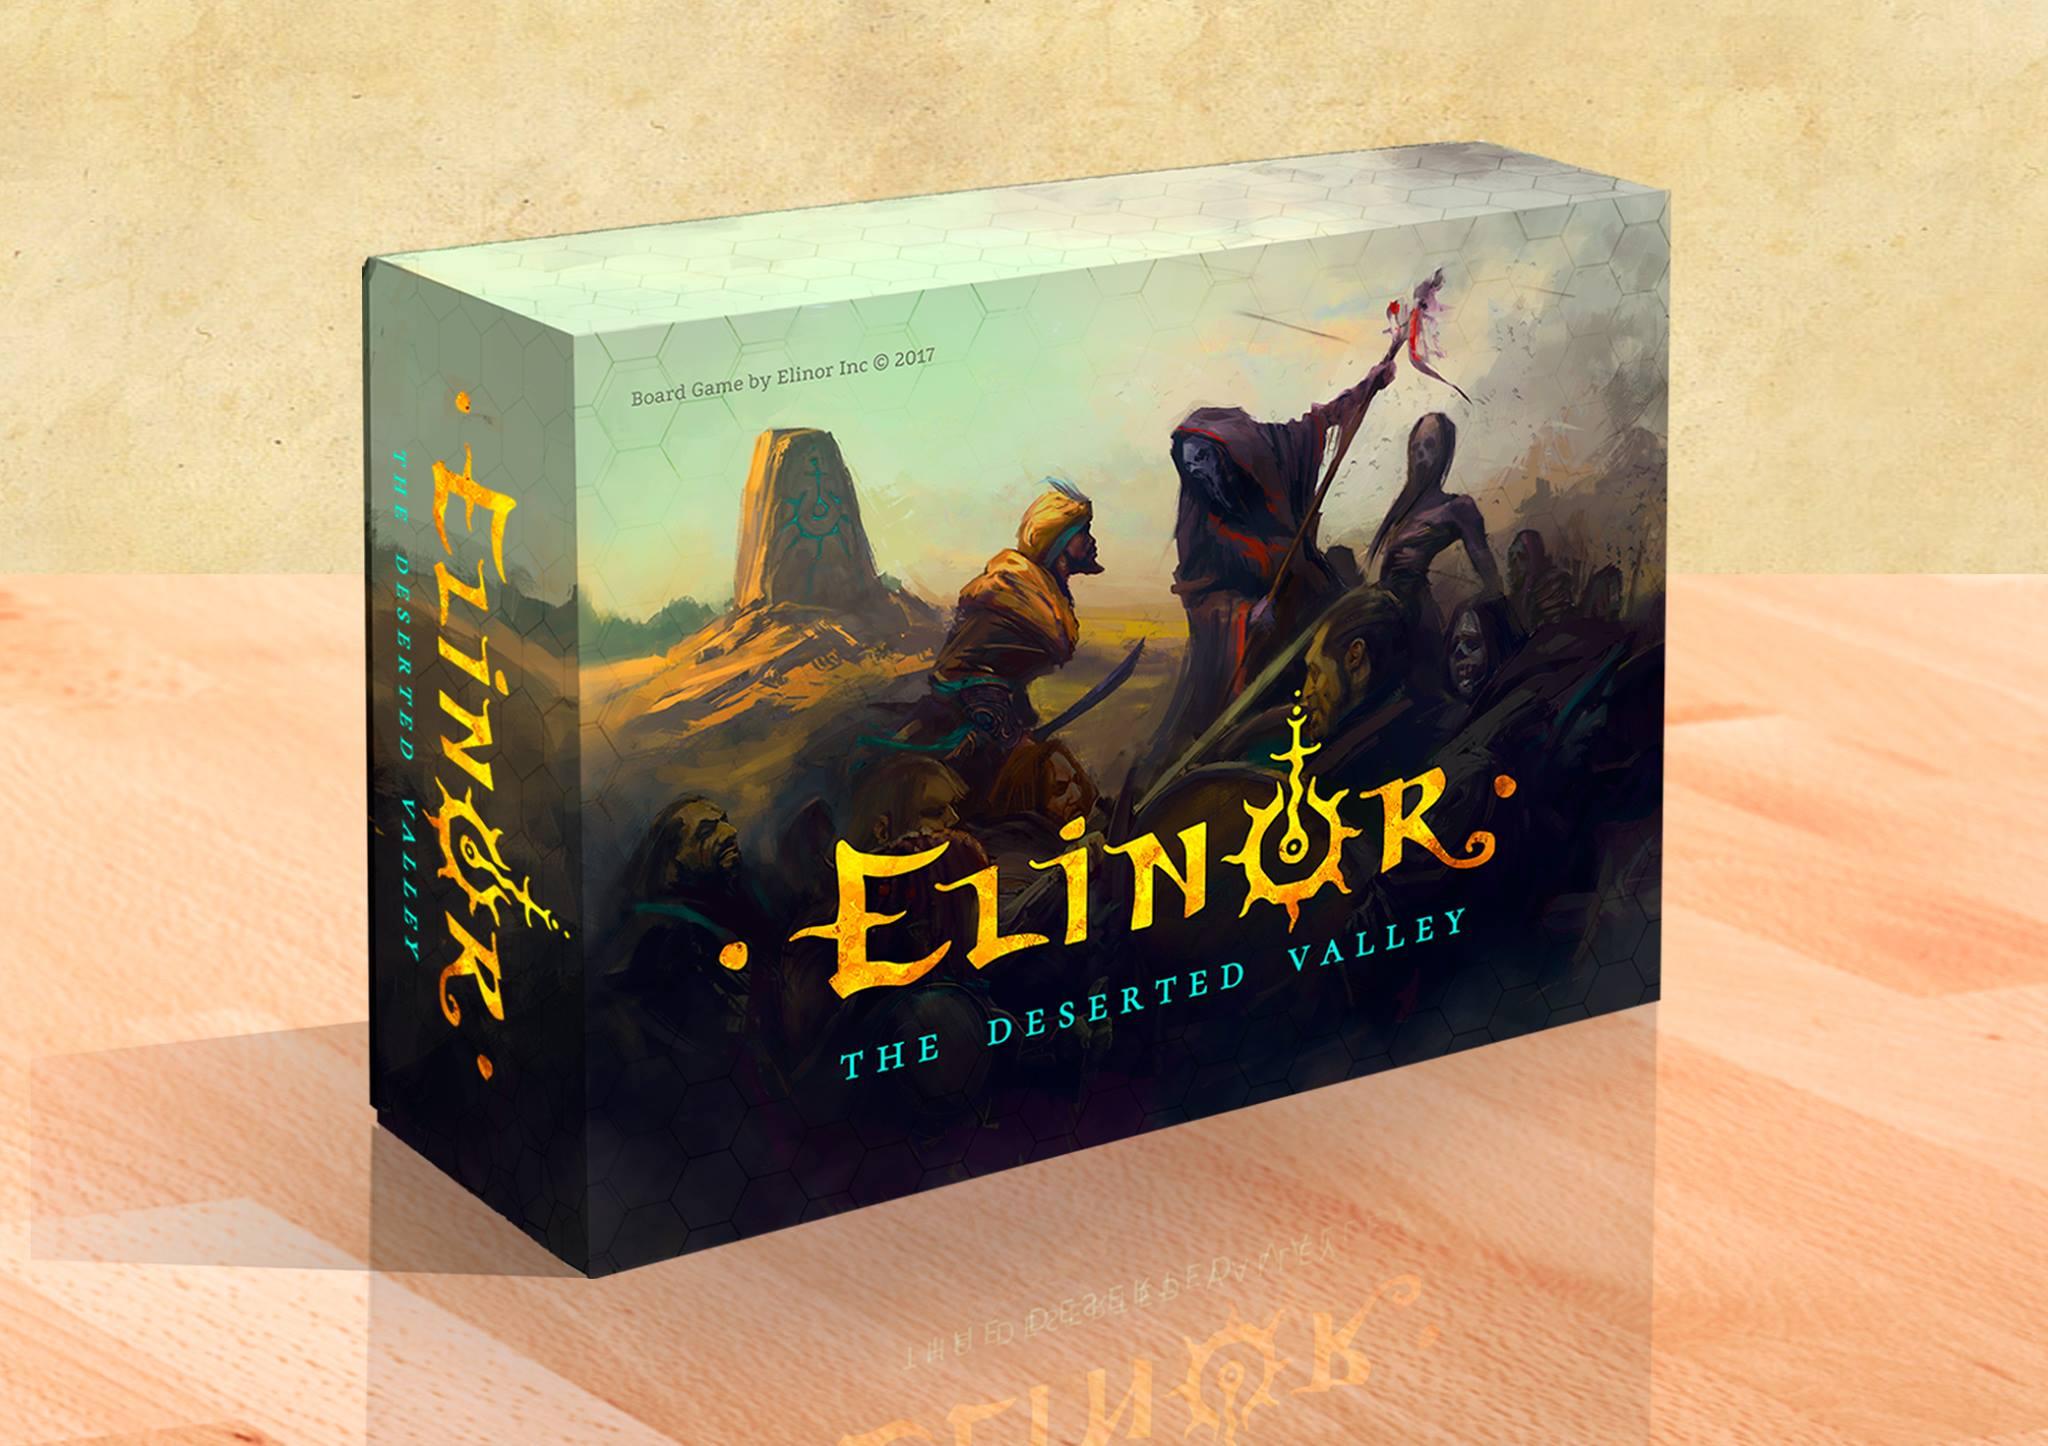 elinor_box.jpg